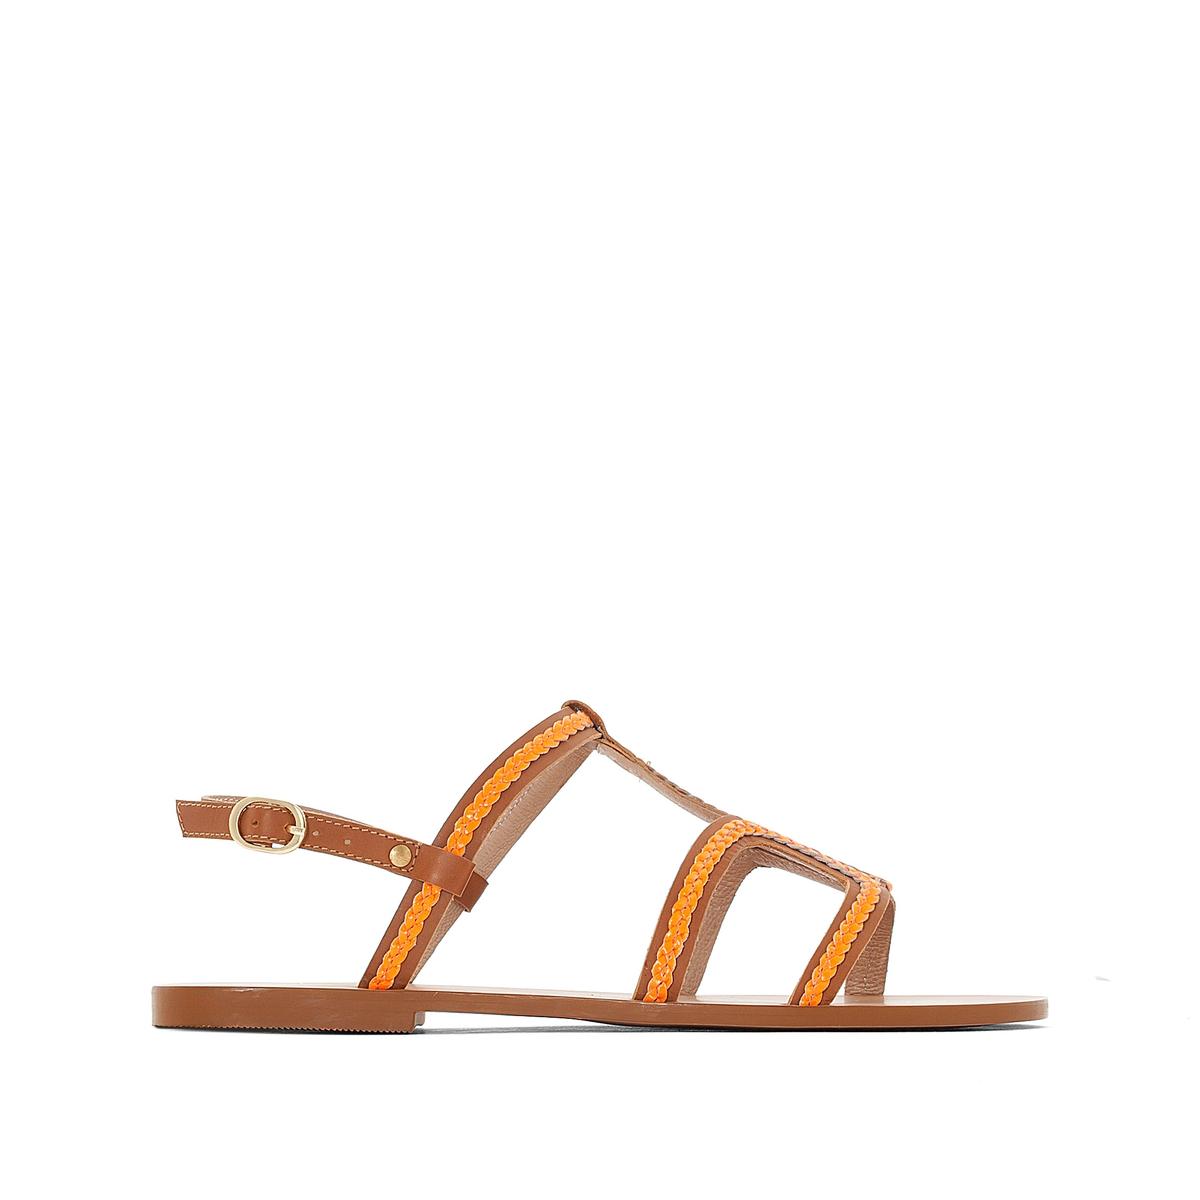 Босоножки кожаные с плетеными ремешками на плоском каблуке сапоги кожаные на плоском каблуке 1137